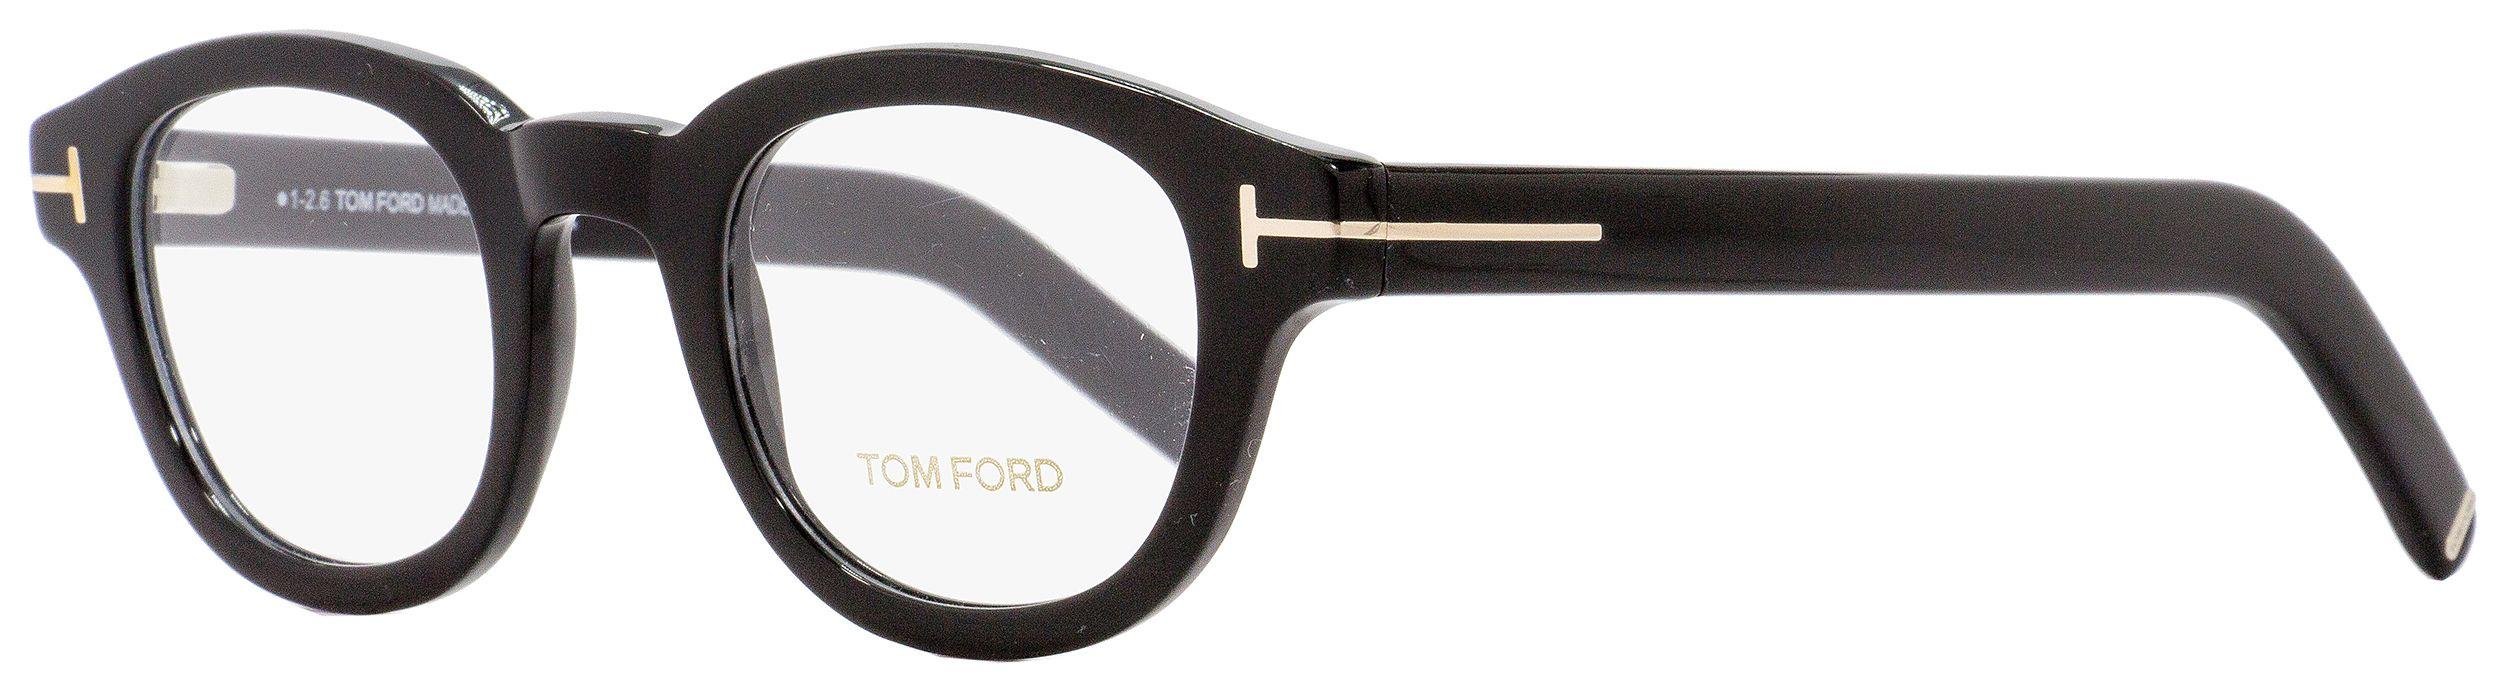 Tom Ford 5429 001 Shiny Black Eyeglasses TF5429 001 45mm